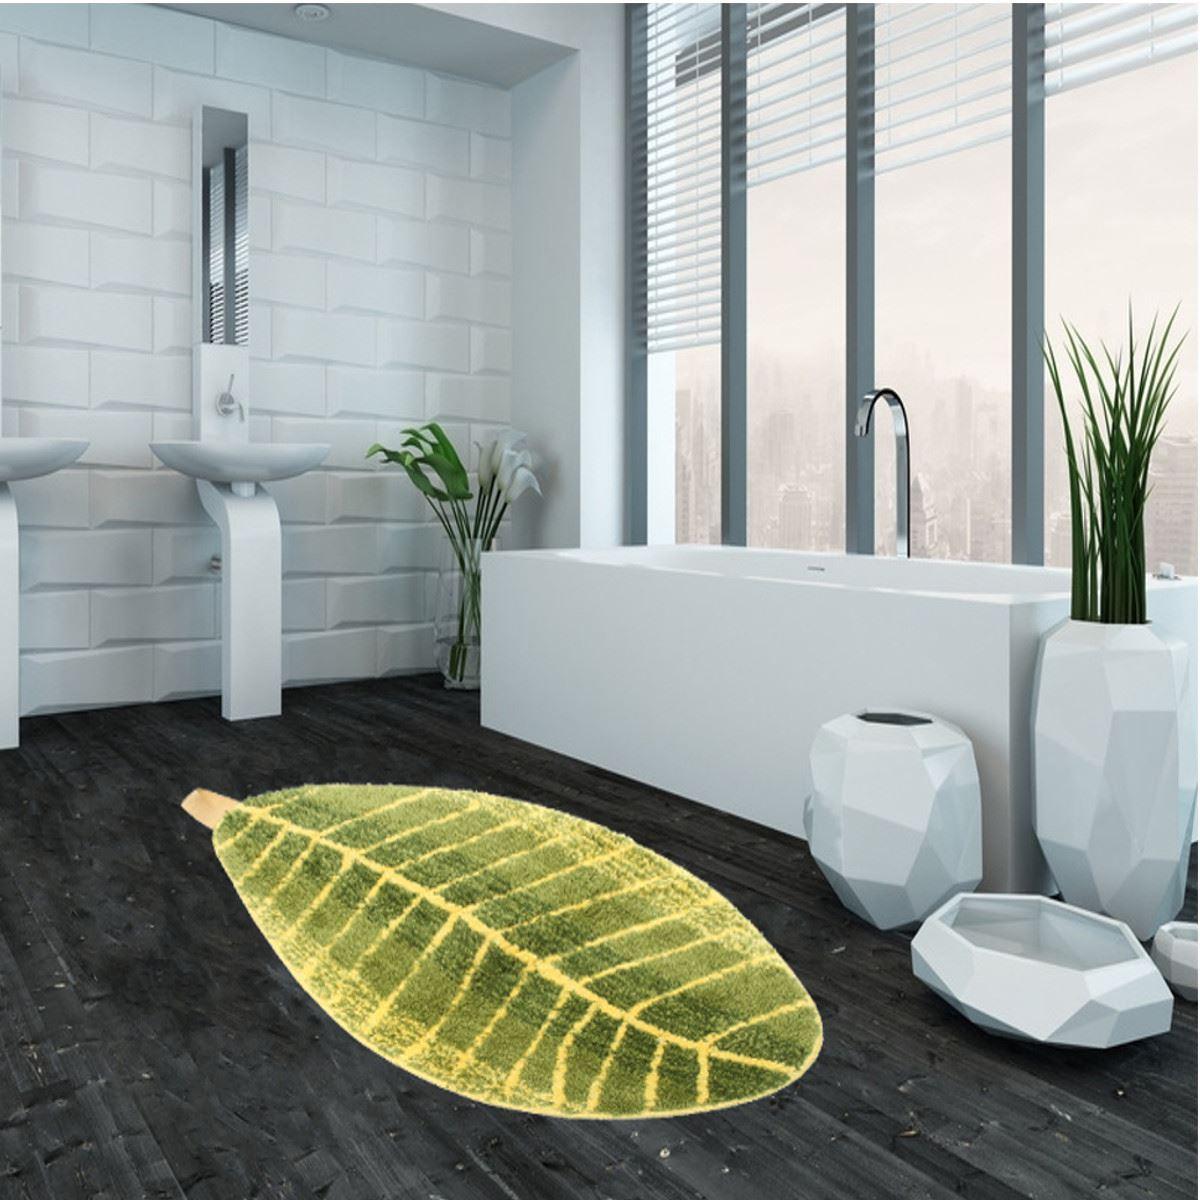 Plante dans salle de bain for Plante de salle de bain